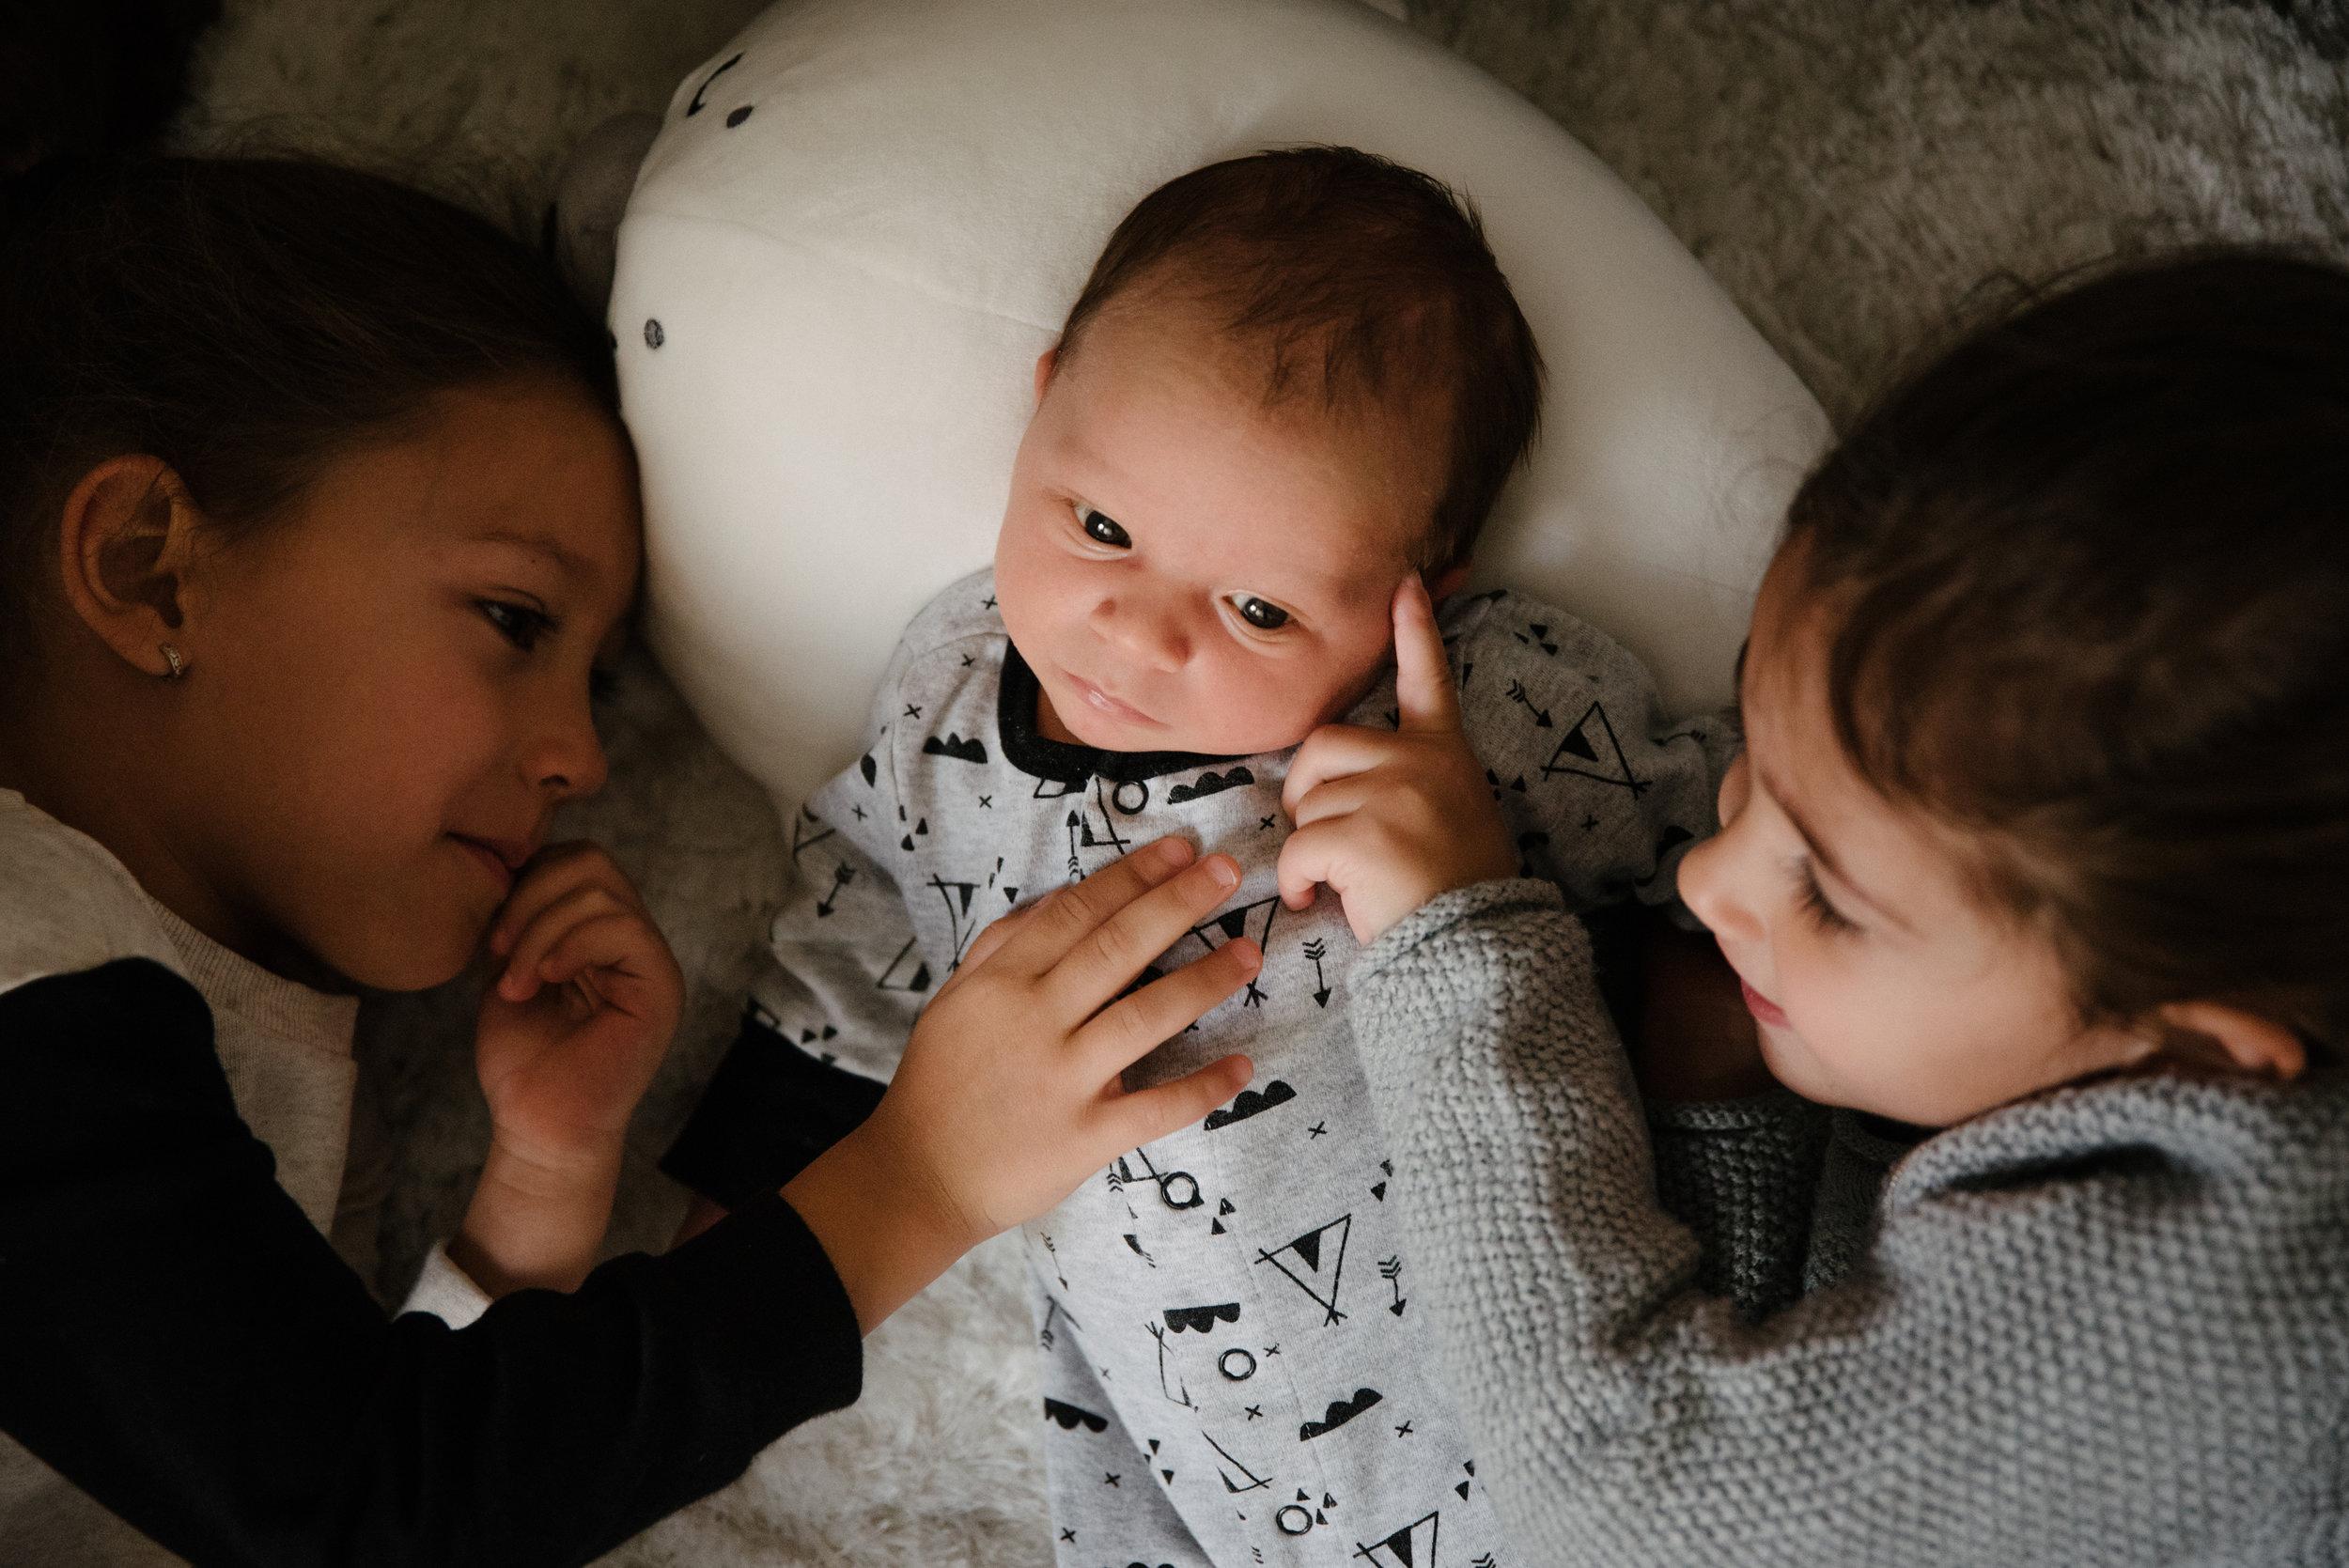 020-photo-d-un-bebe-couche-avec-ses-deux-grandes-soeurs-photographe-lifestyle-famille-et-nouveau-ne-a-montreal-marianne-charland-431.jpg